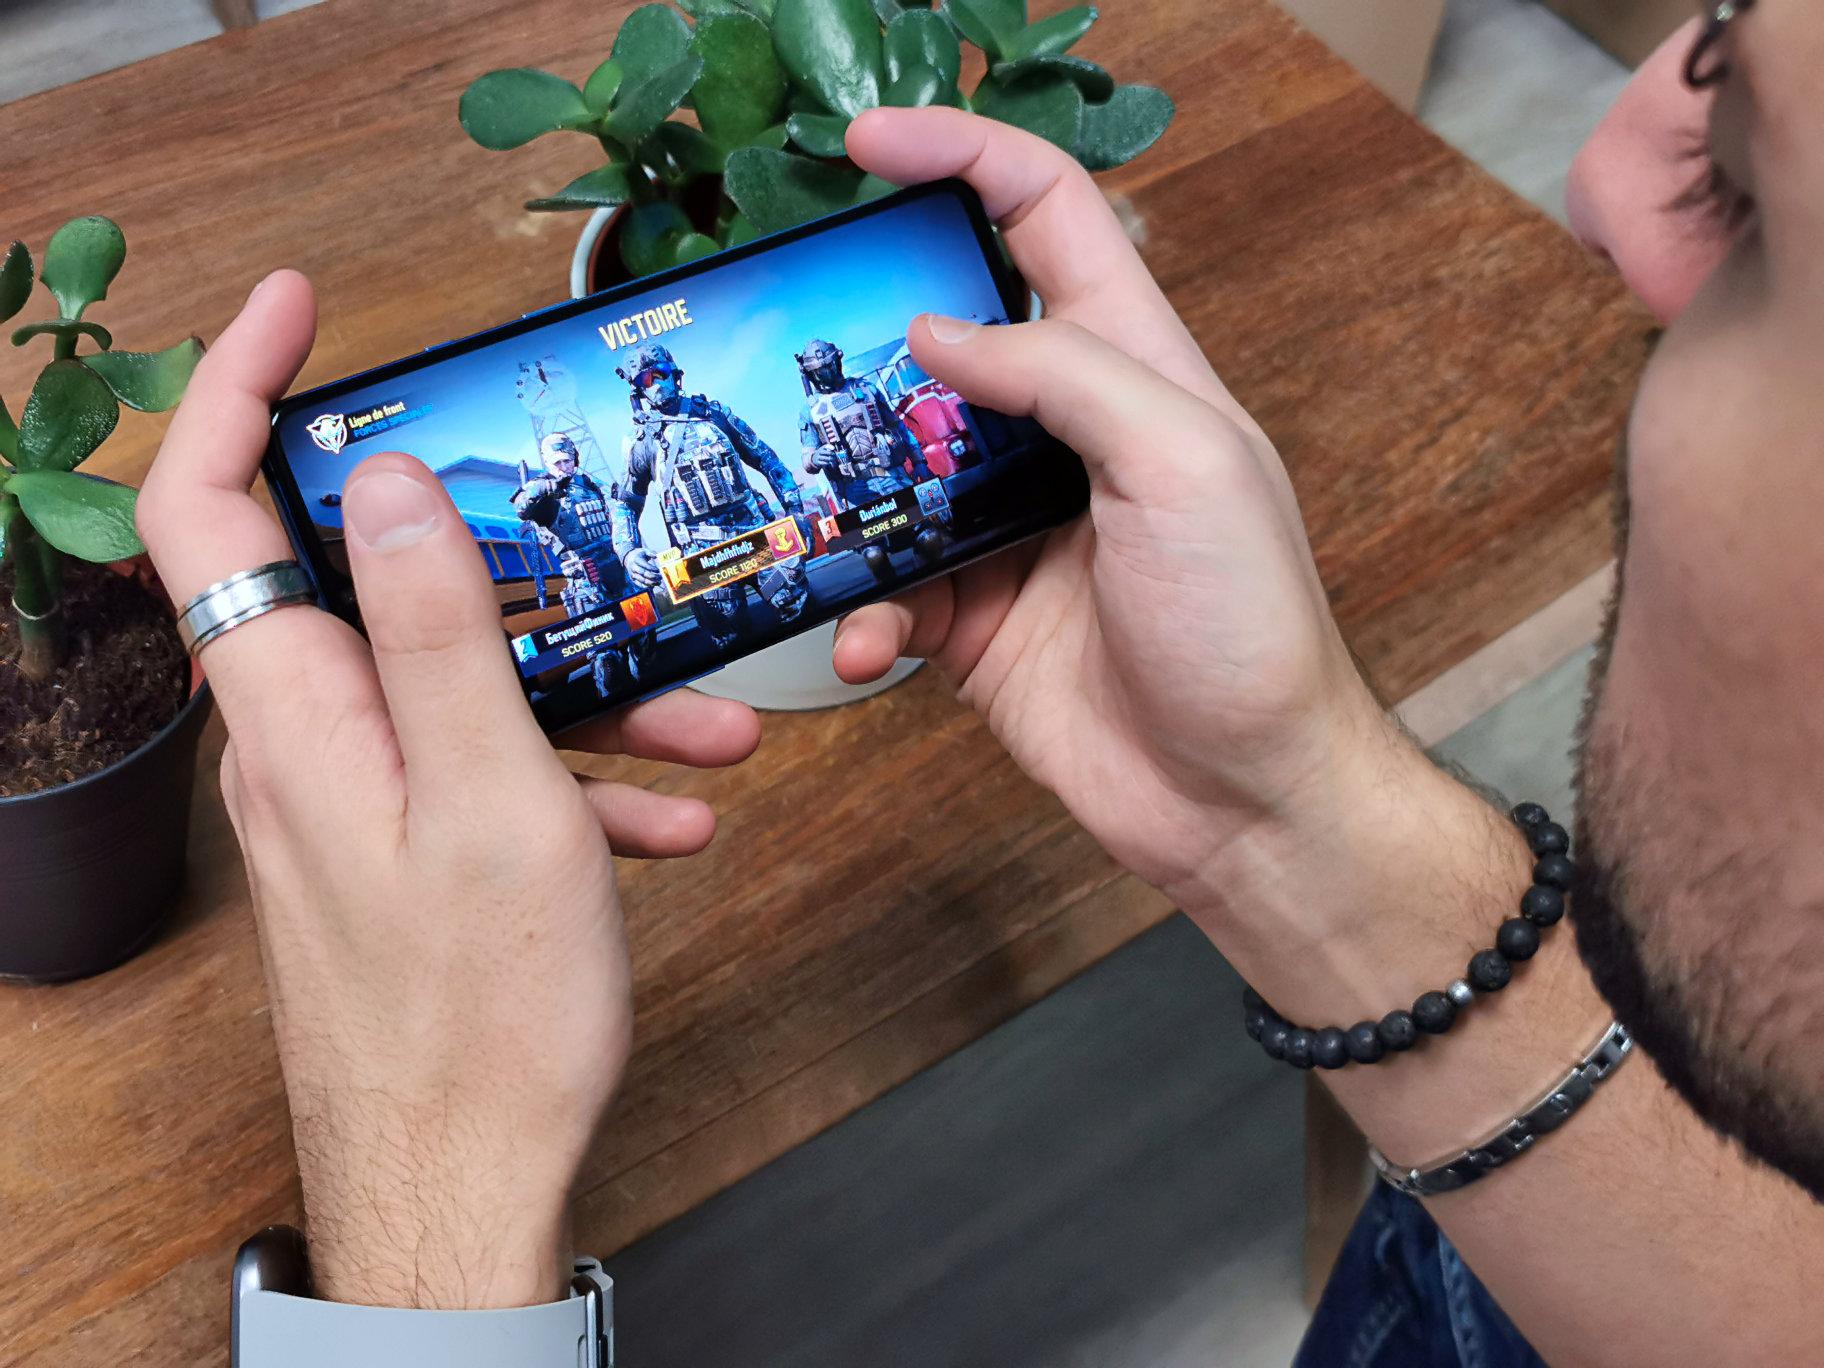 Les Meilleurs Fps Et Tps (Jeux De Tir) Sur Android Et Iphone concernant Jeux Gratuit Sur Tablette Sans Telechargement